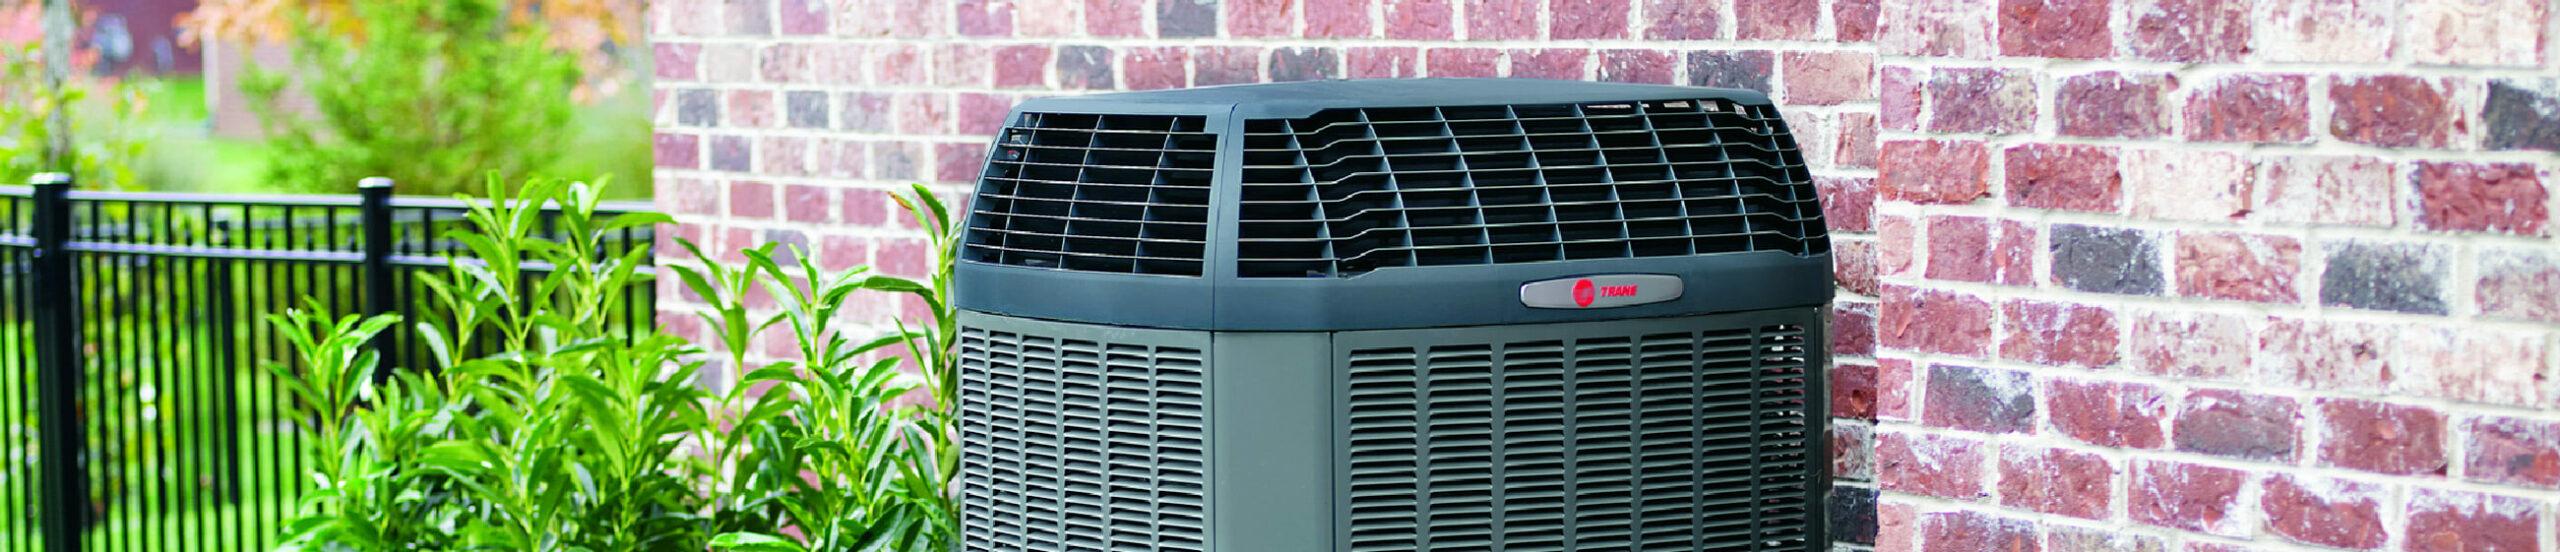 External Heat Pump